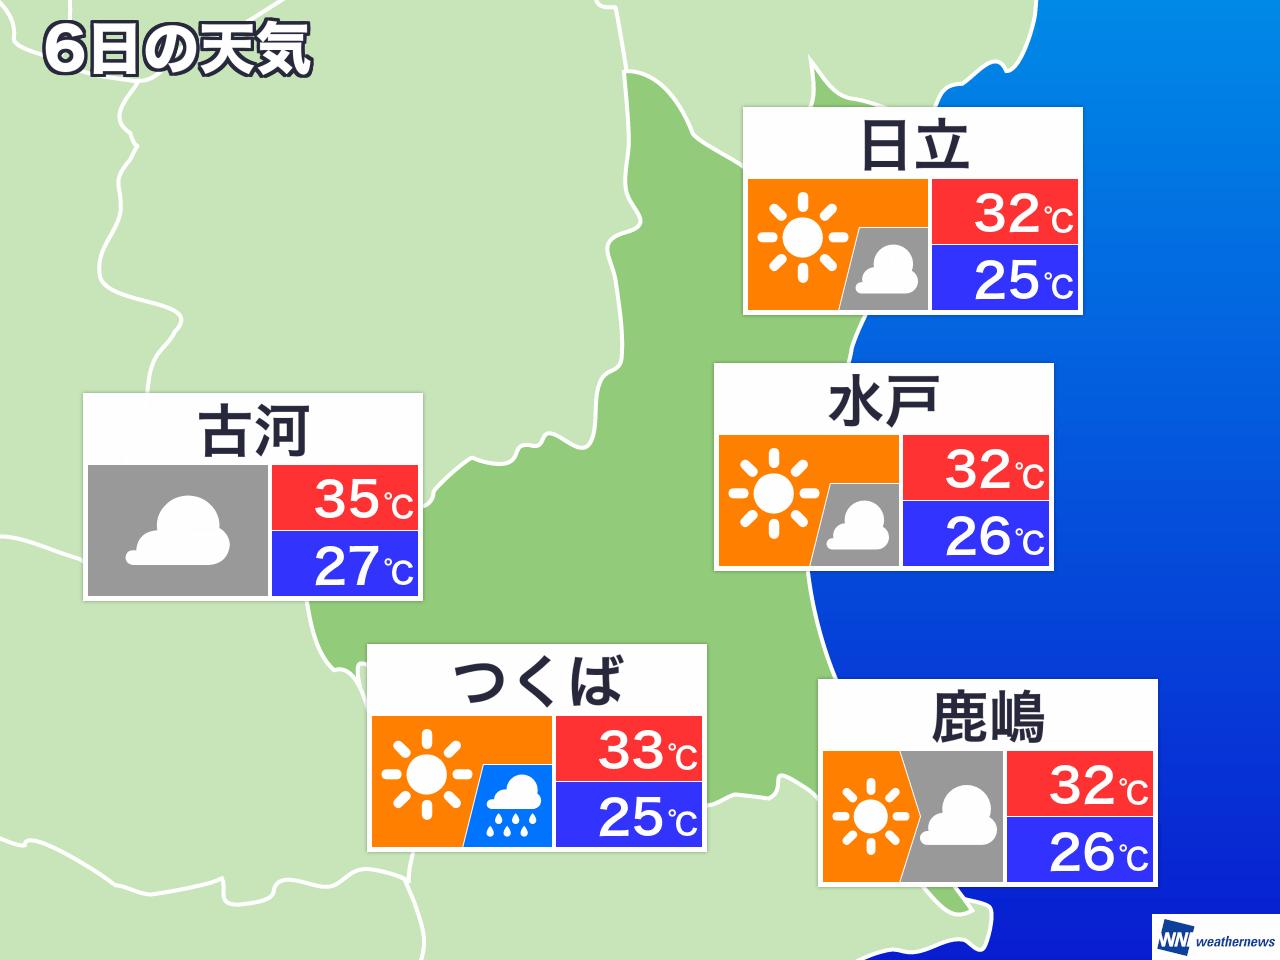 気温 つくば 市 茨城県つくば市の天気(3時間毎)